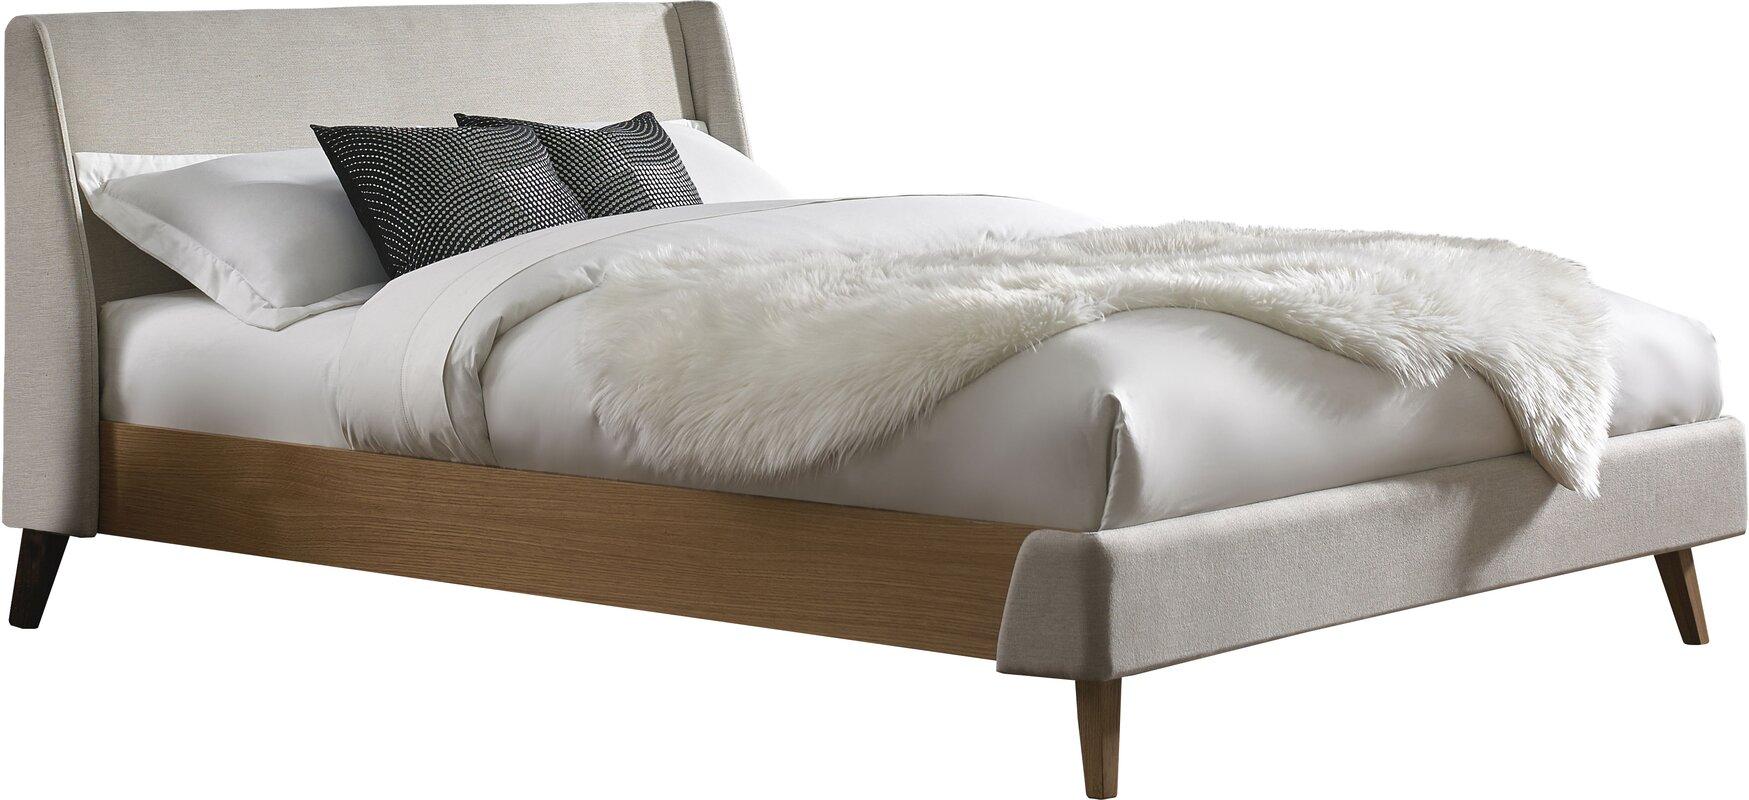 palmer upholstered platform bed reviews allmodern